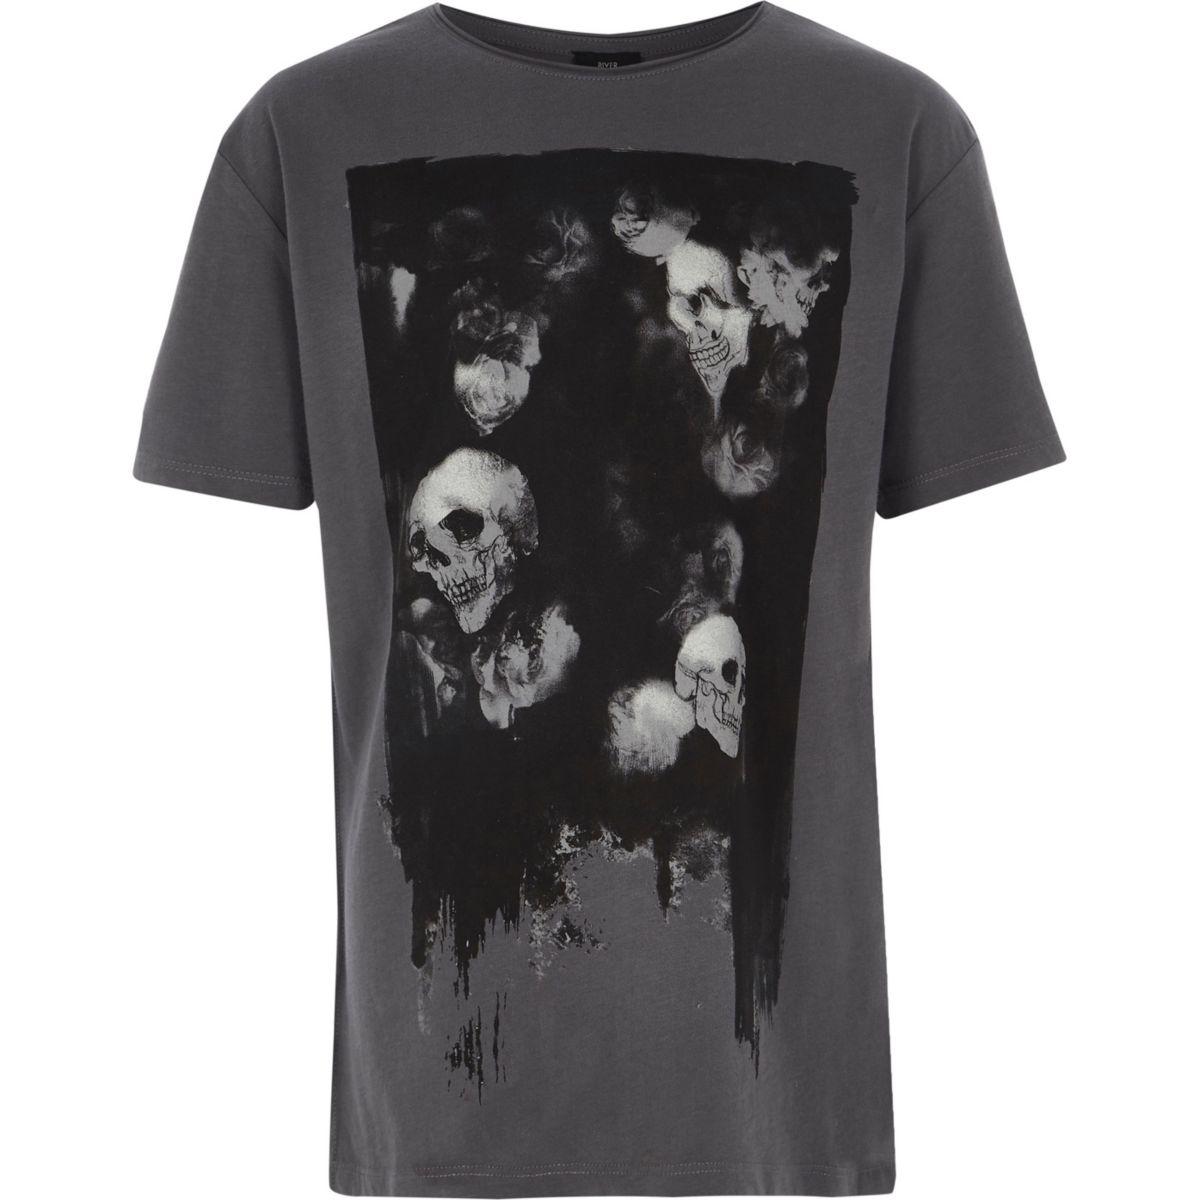 Boys dark grey skull print T-shirt